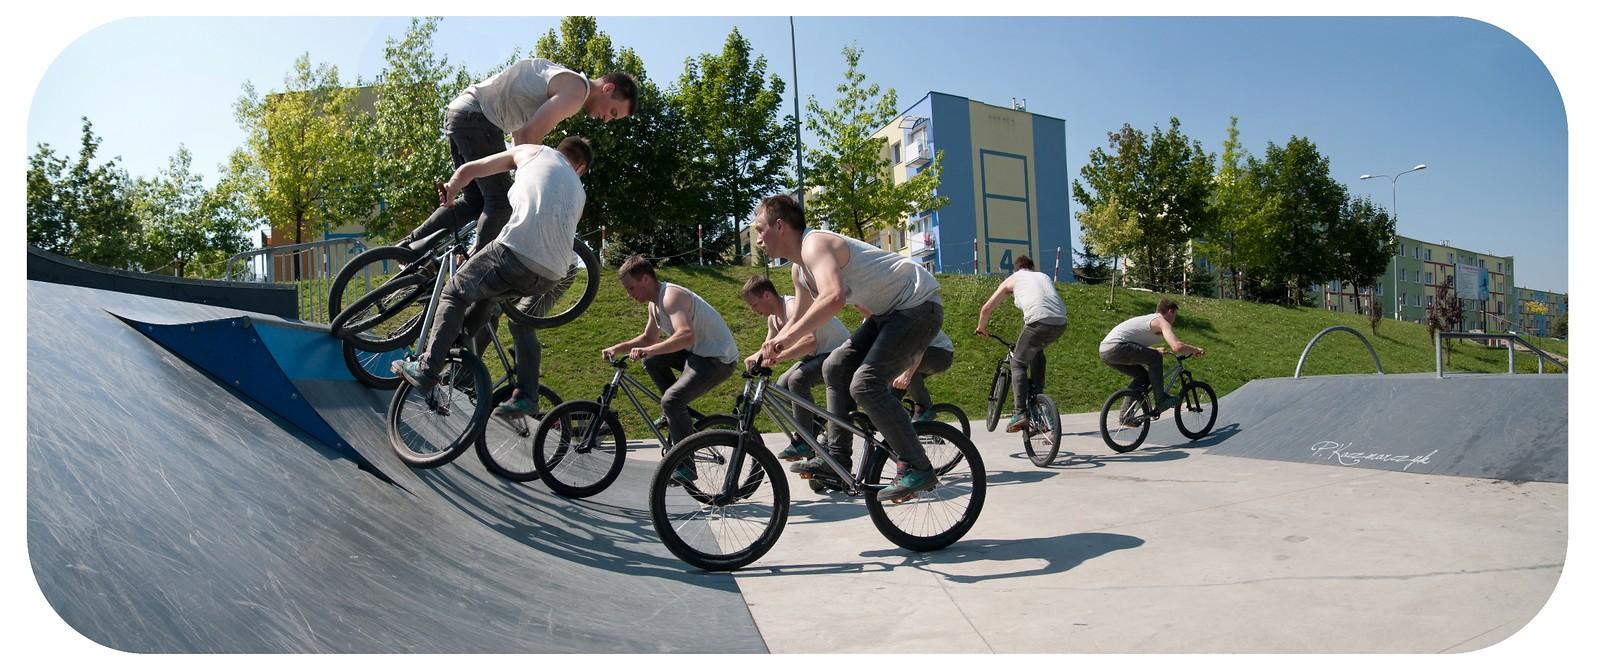 360 to fakie to 180 - piotrkaczmarczyk - Mountain Biking Pictures - Vital MTB